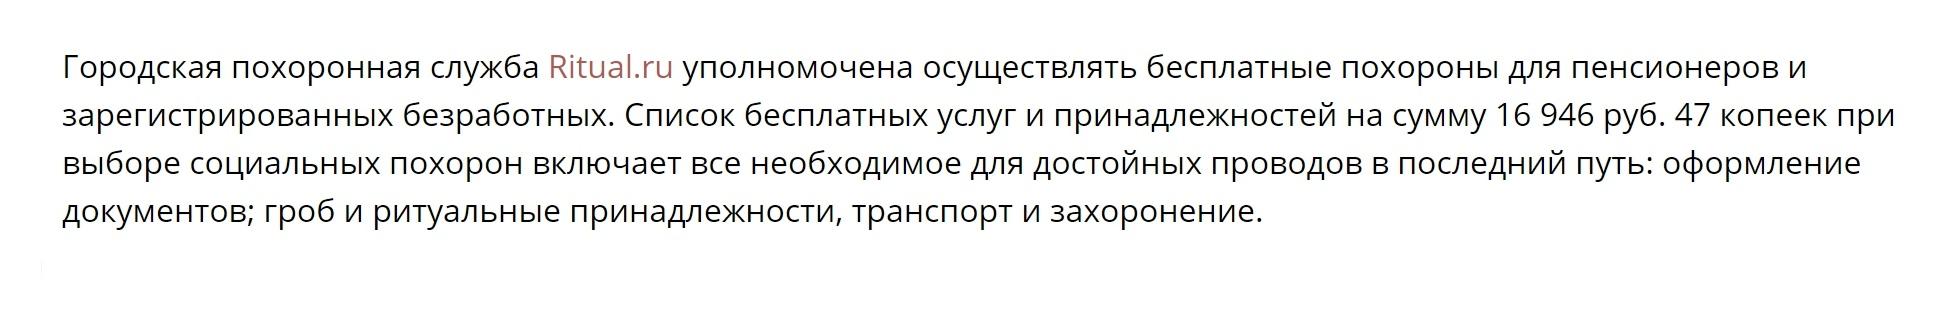 Московская городская ритуальная служба на сайте Ritual.ru сообщает, что бесплатно хоронит пенсионеров и безработных. В Москве установлены доплаты на погребение при{amp}amp;nbsp;их смерти